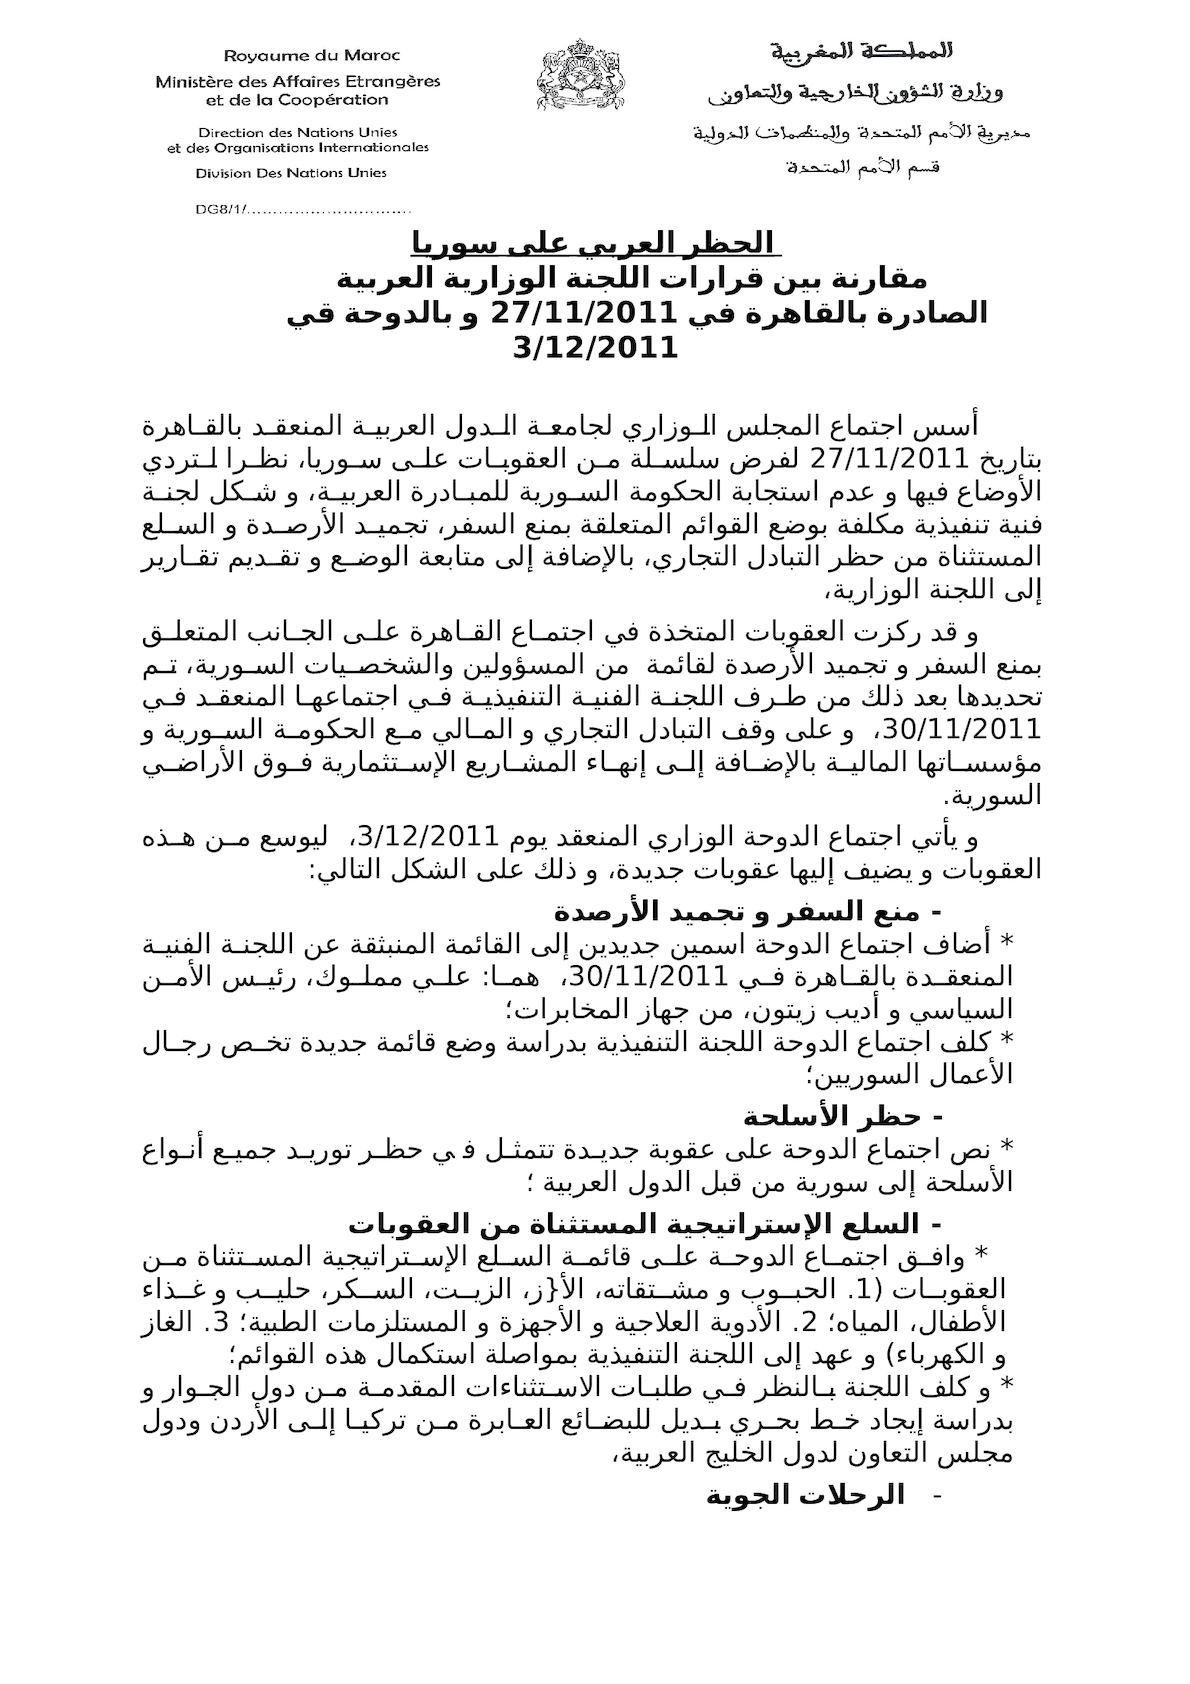 مقارنة بين اجتماع القاهرة 30 11 2011 و  اجتماع الدوحة 3 12 2011